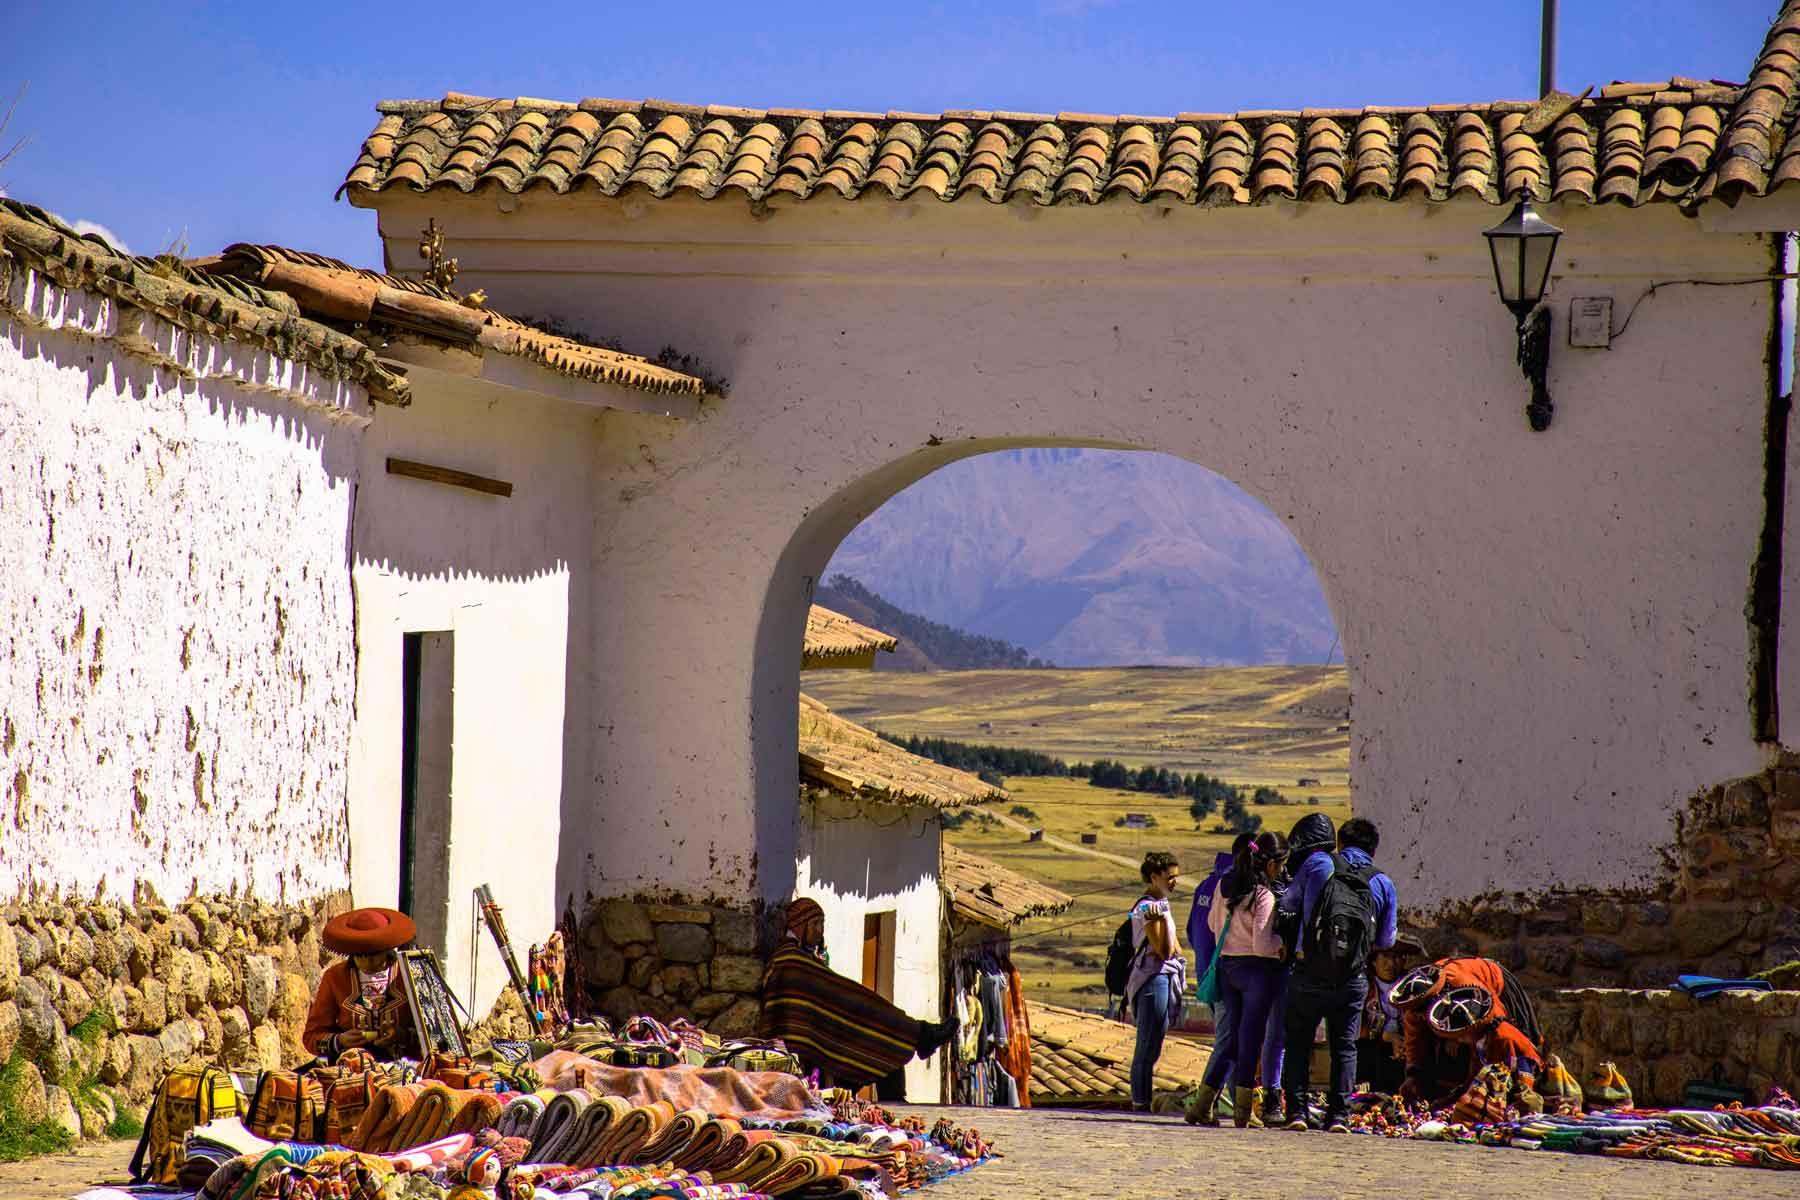 Arco colonial de entrada ao complexo de Chinchero